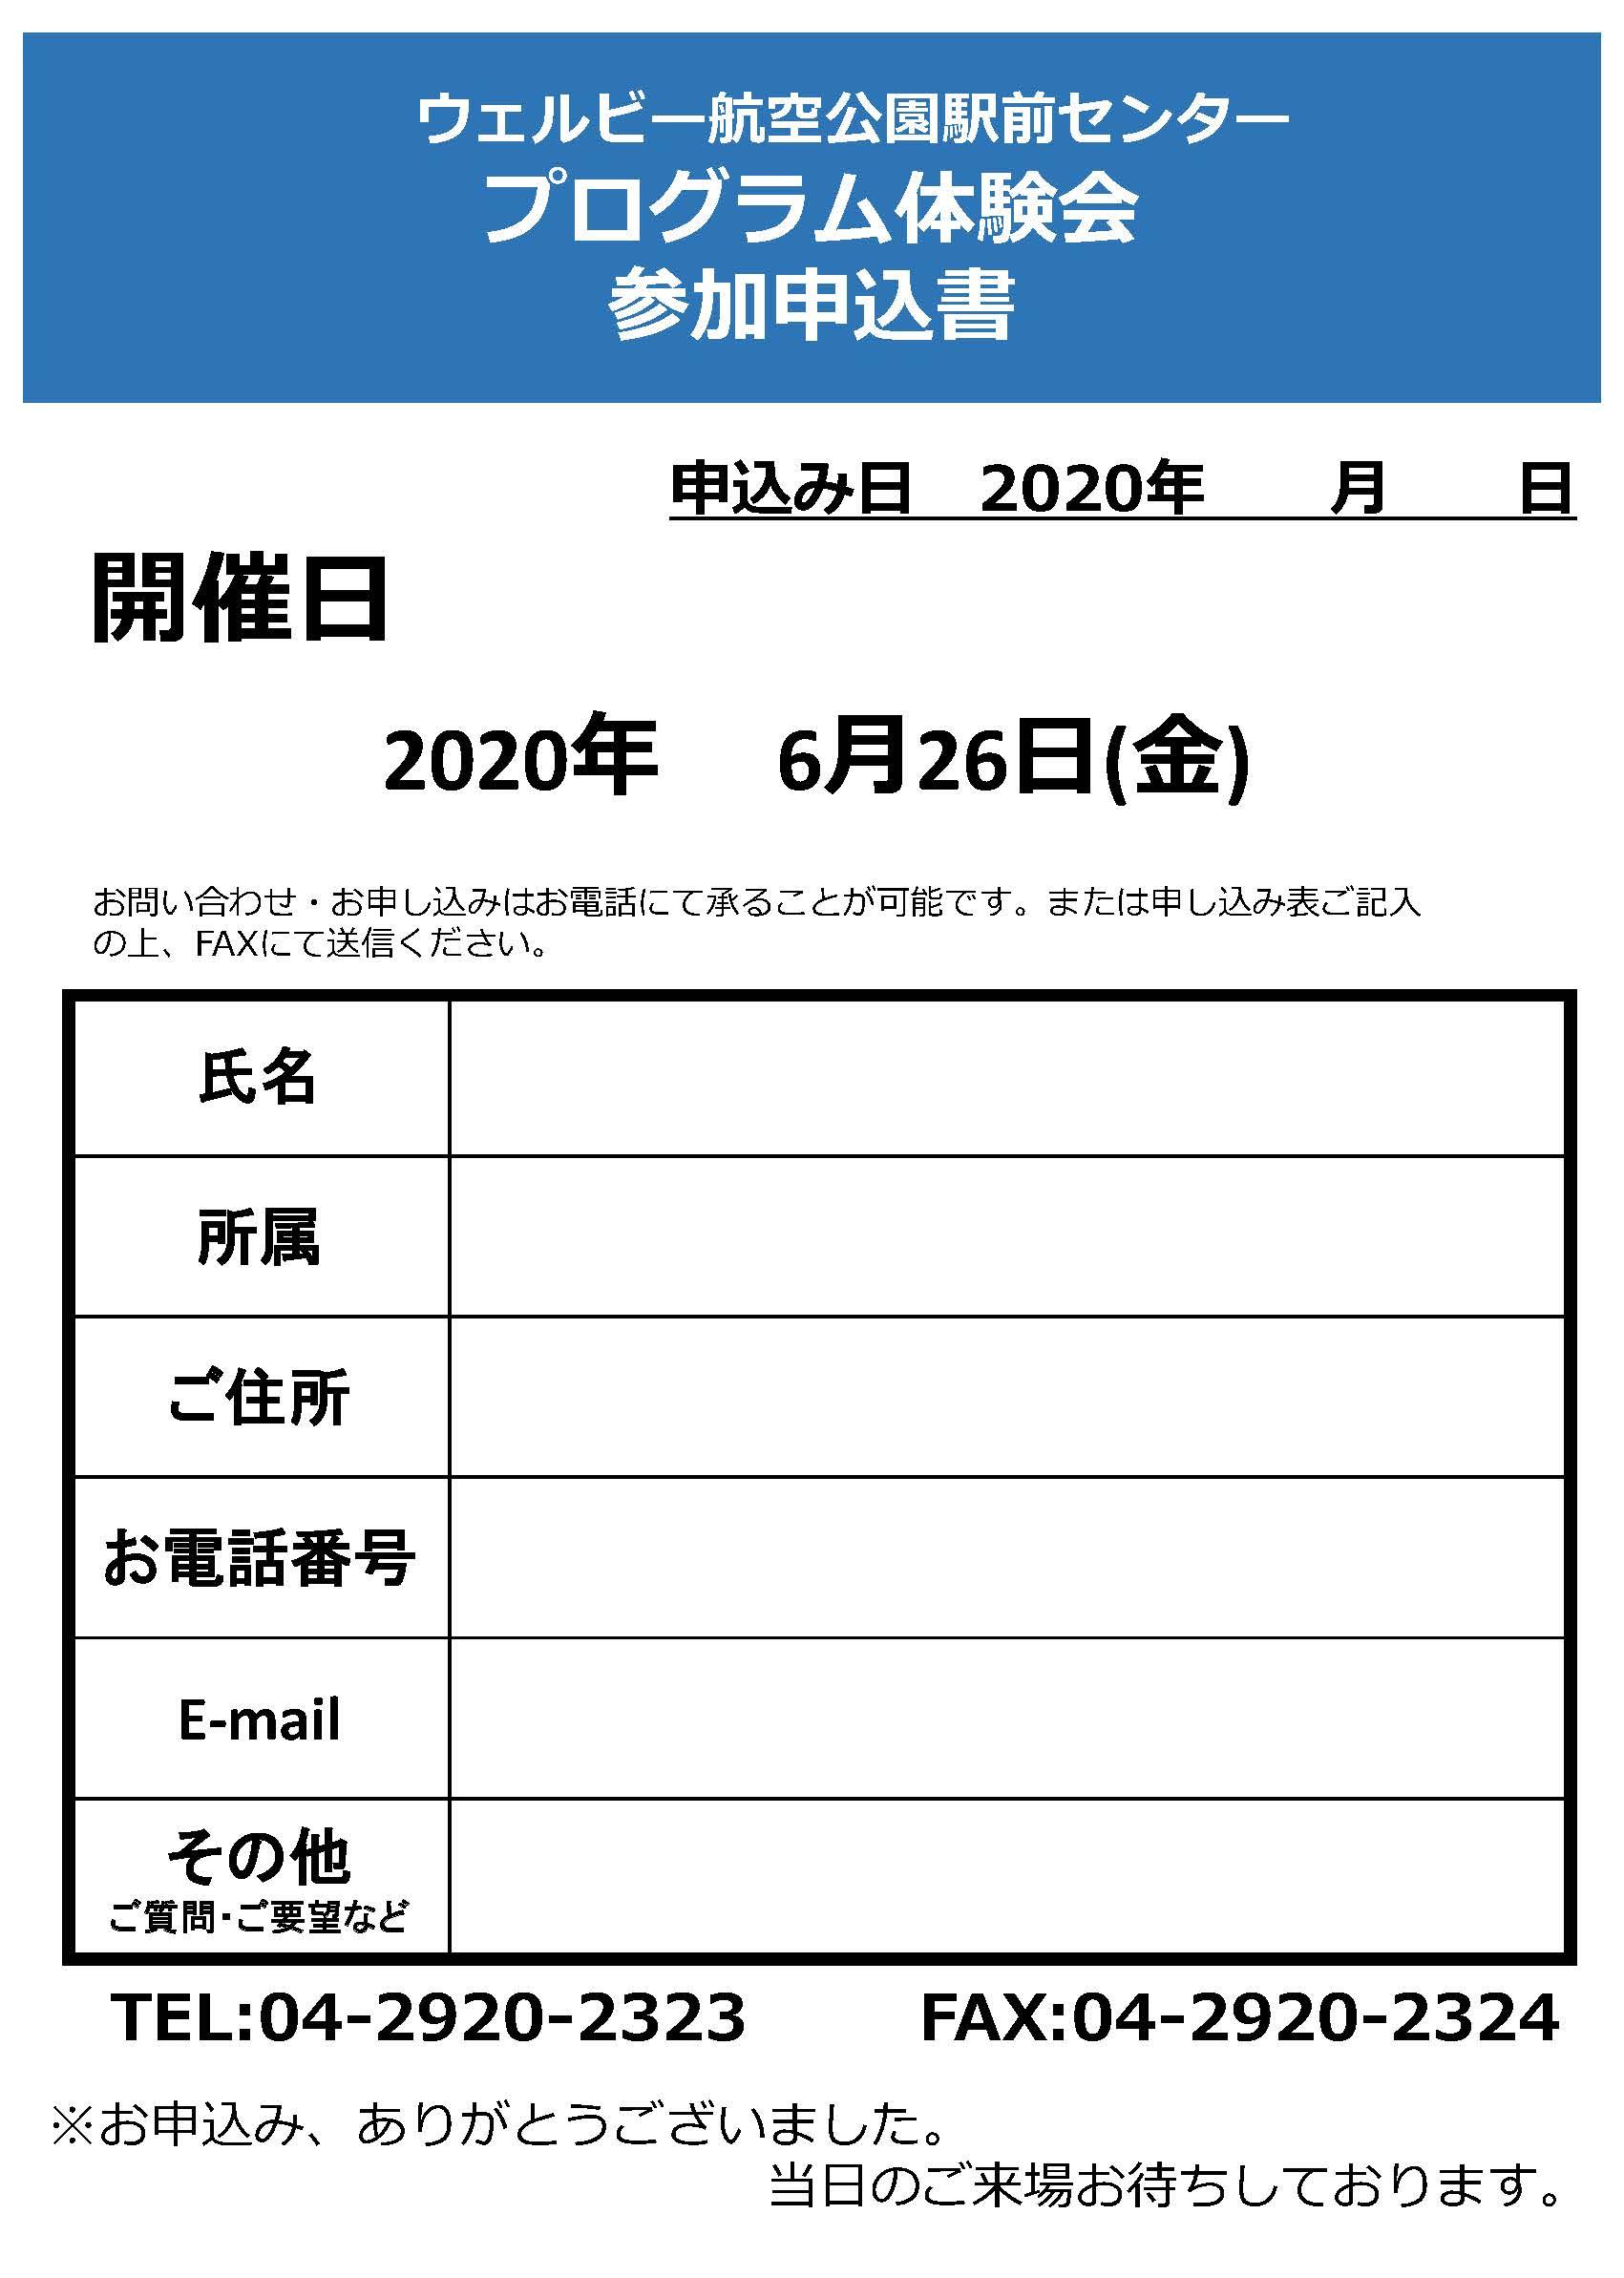 プログラム体験会チラシ<2020年6月開催>代案あさがお_ページ_2